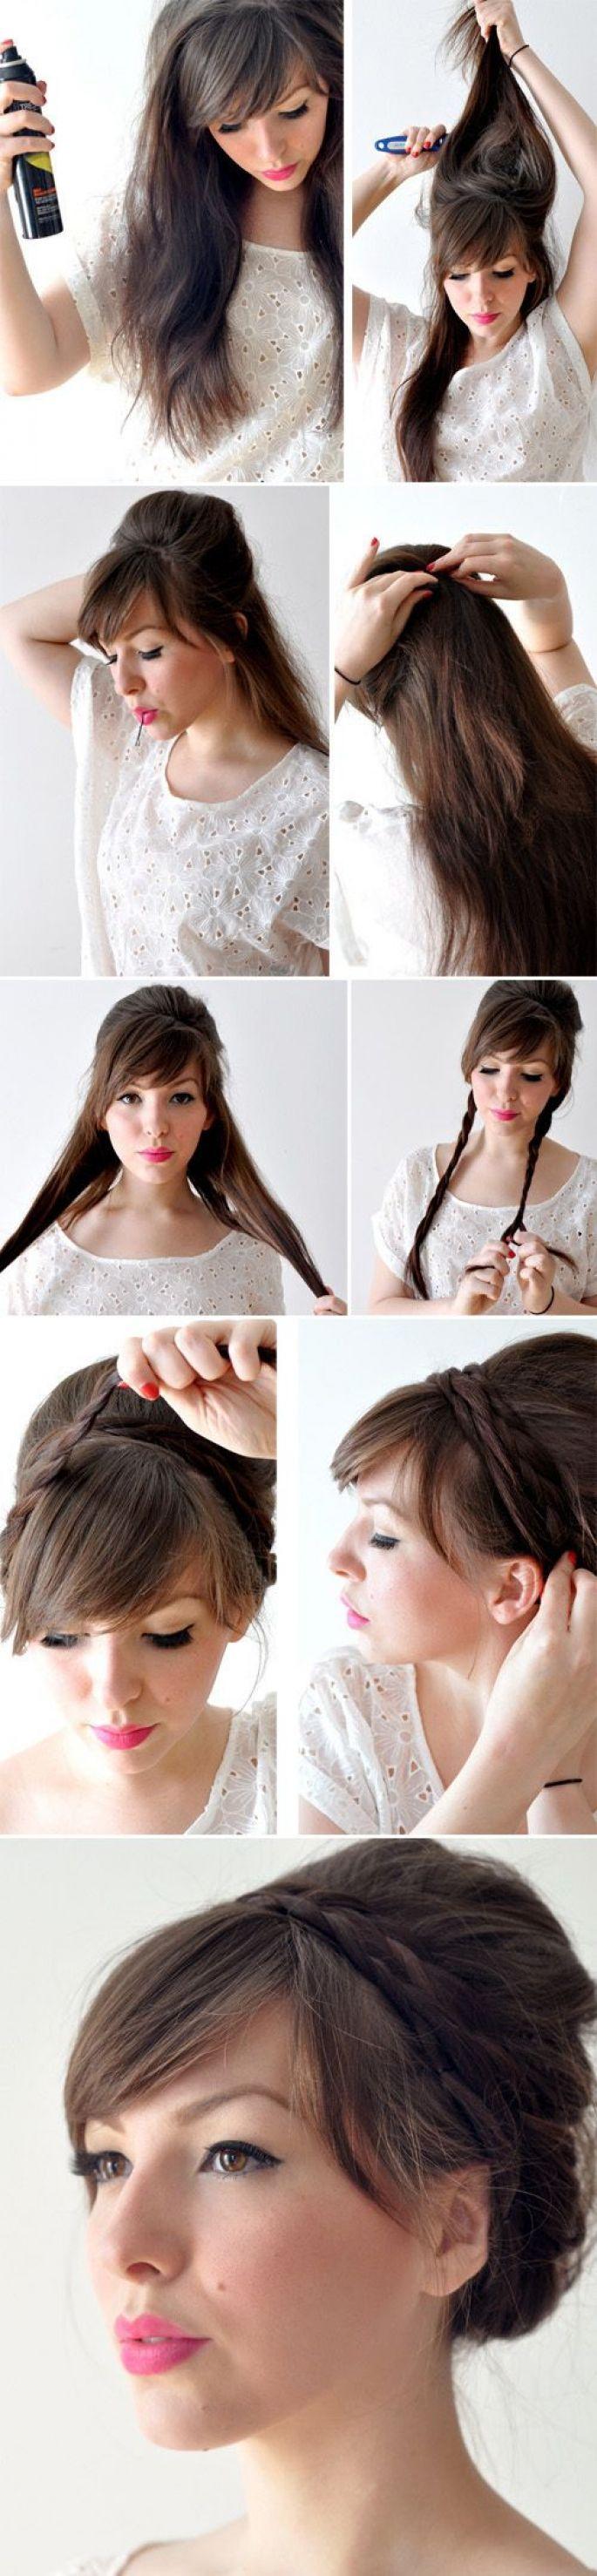 11 tutoriels pour inspirer votre coiffure de mariage en 2016 !                                                                                                                                                      Plus